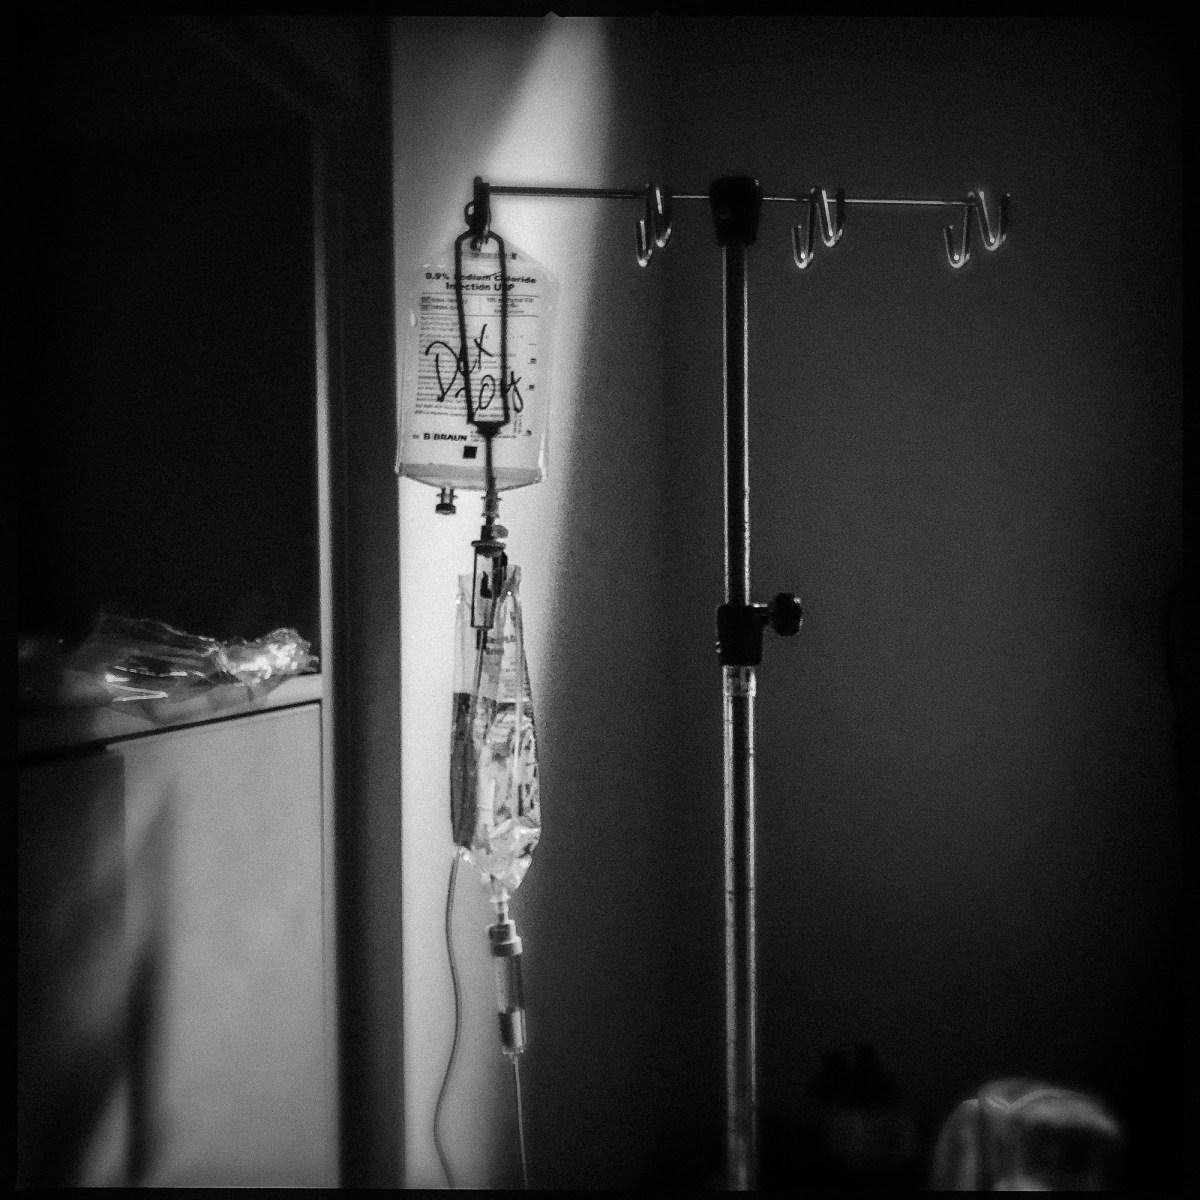 Hospital IV stand